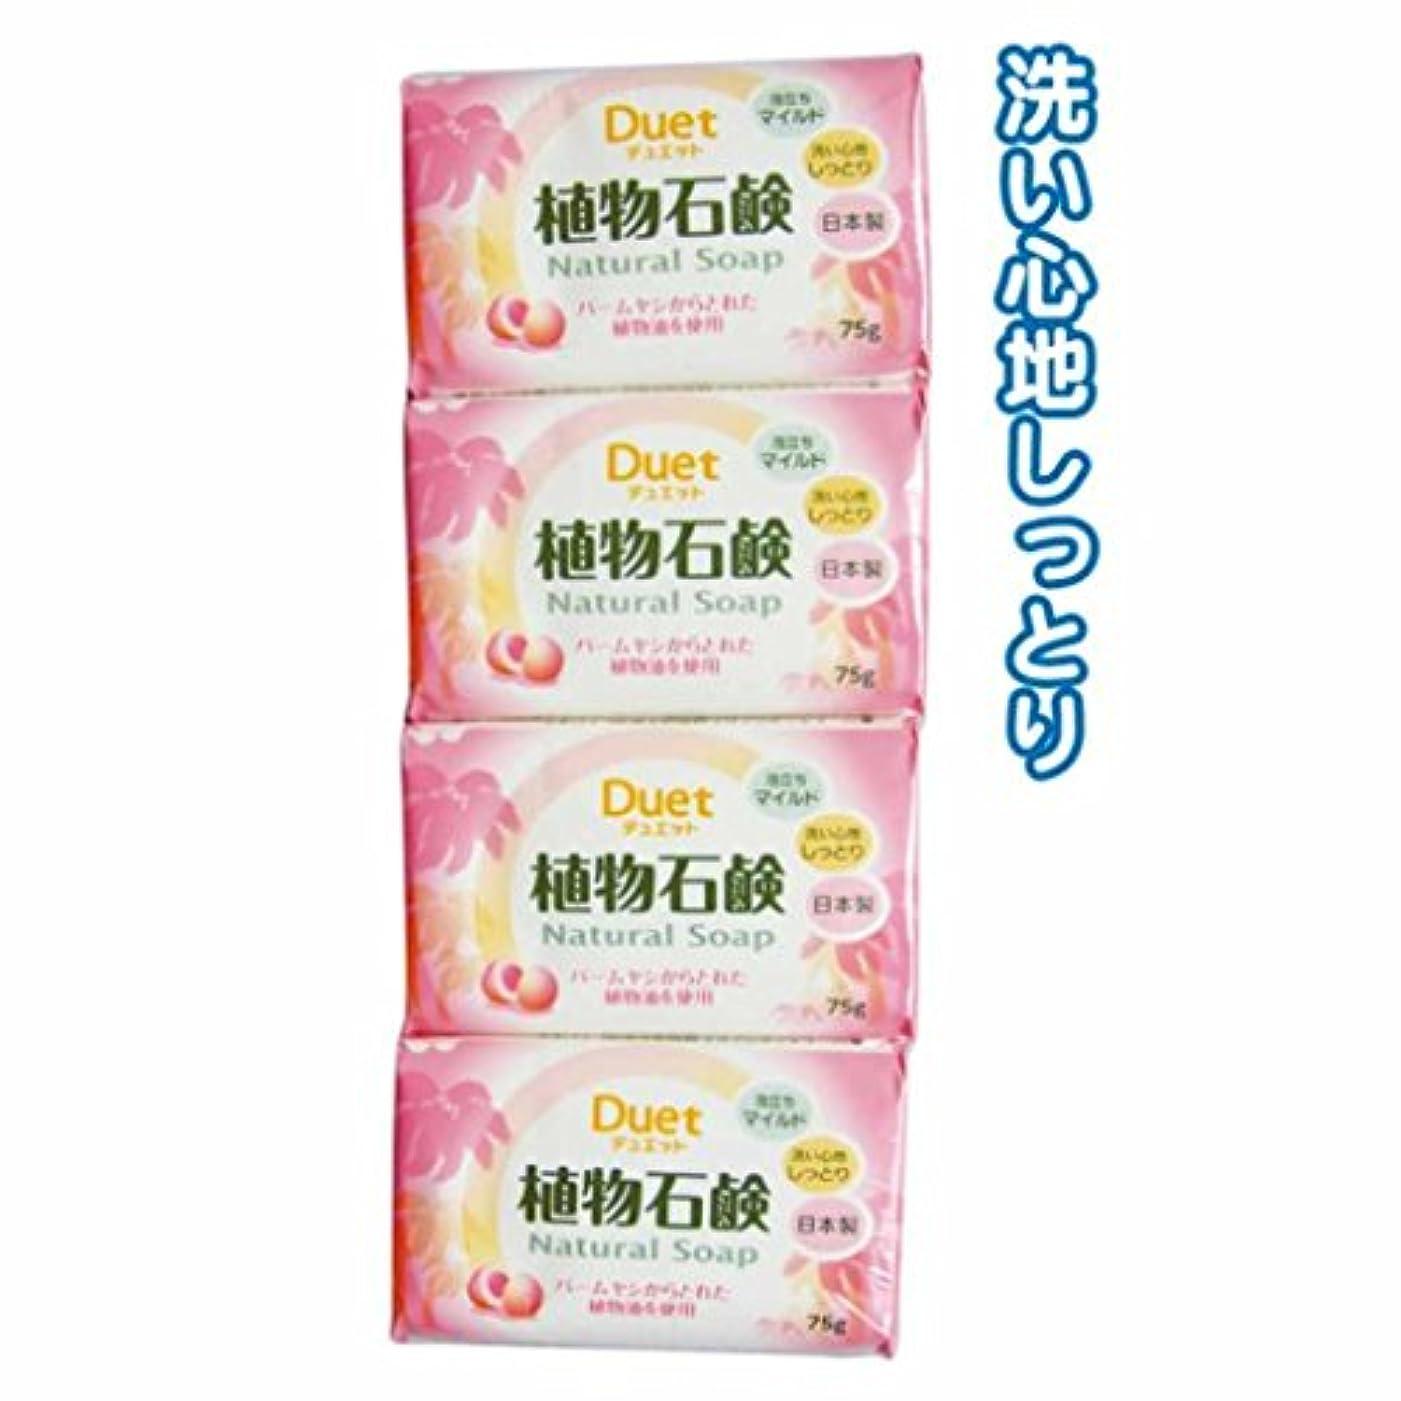 時々効果的にジョージバーナード日本製 Japan デュエット植物石鹸75g 【まとめ買い4個入り×240パック 合計960個セット】 46-202